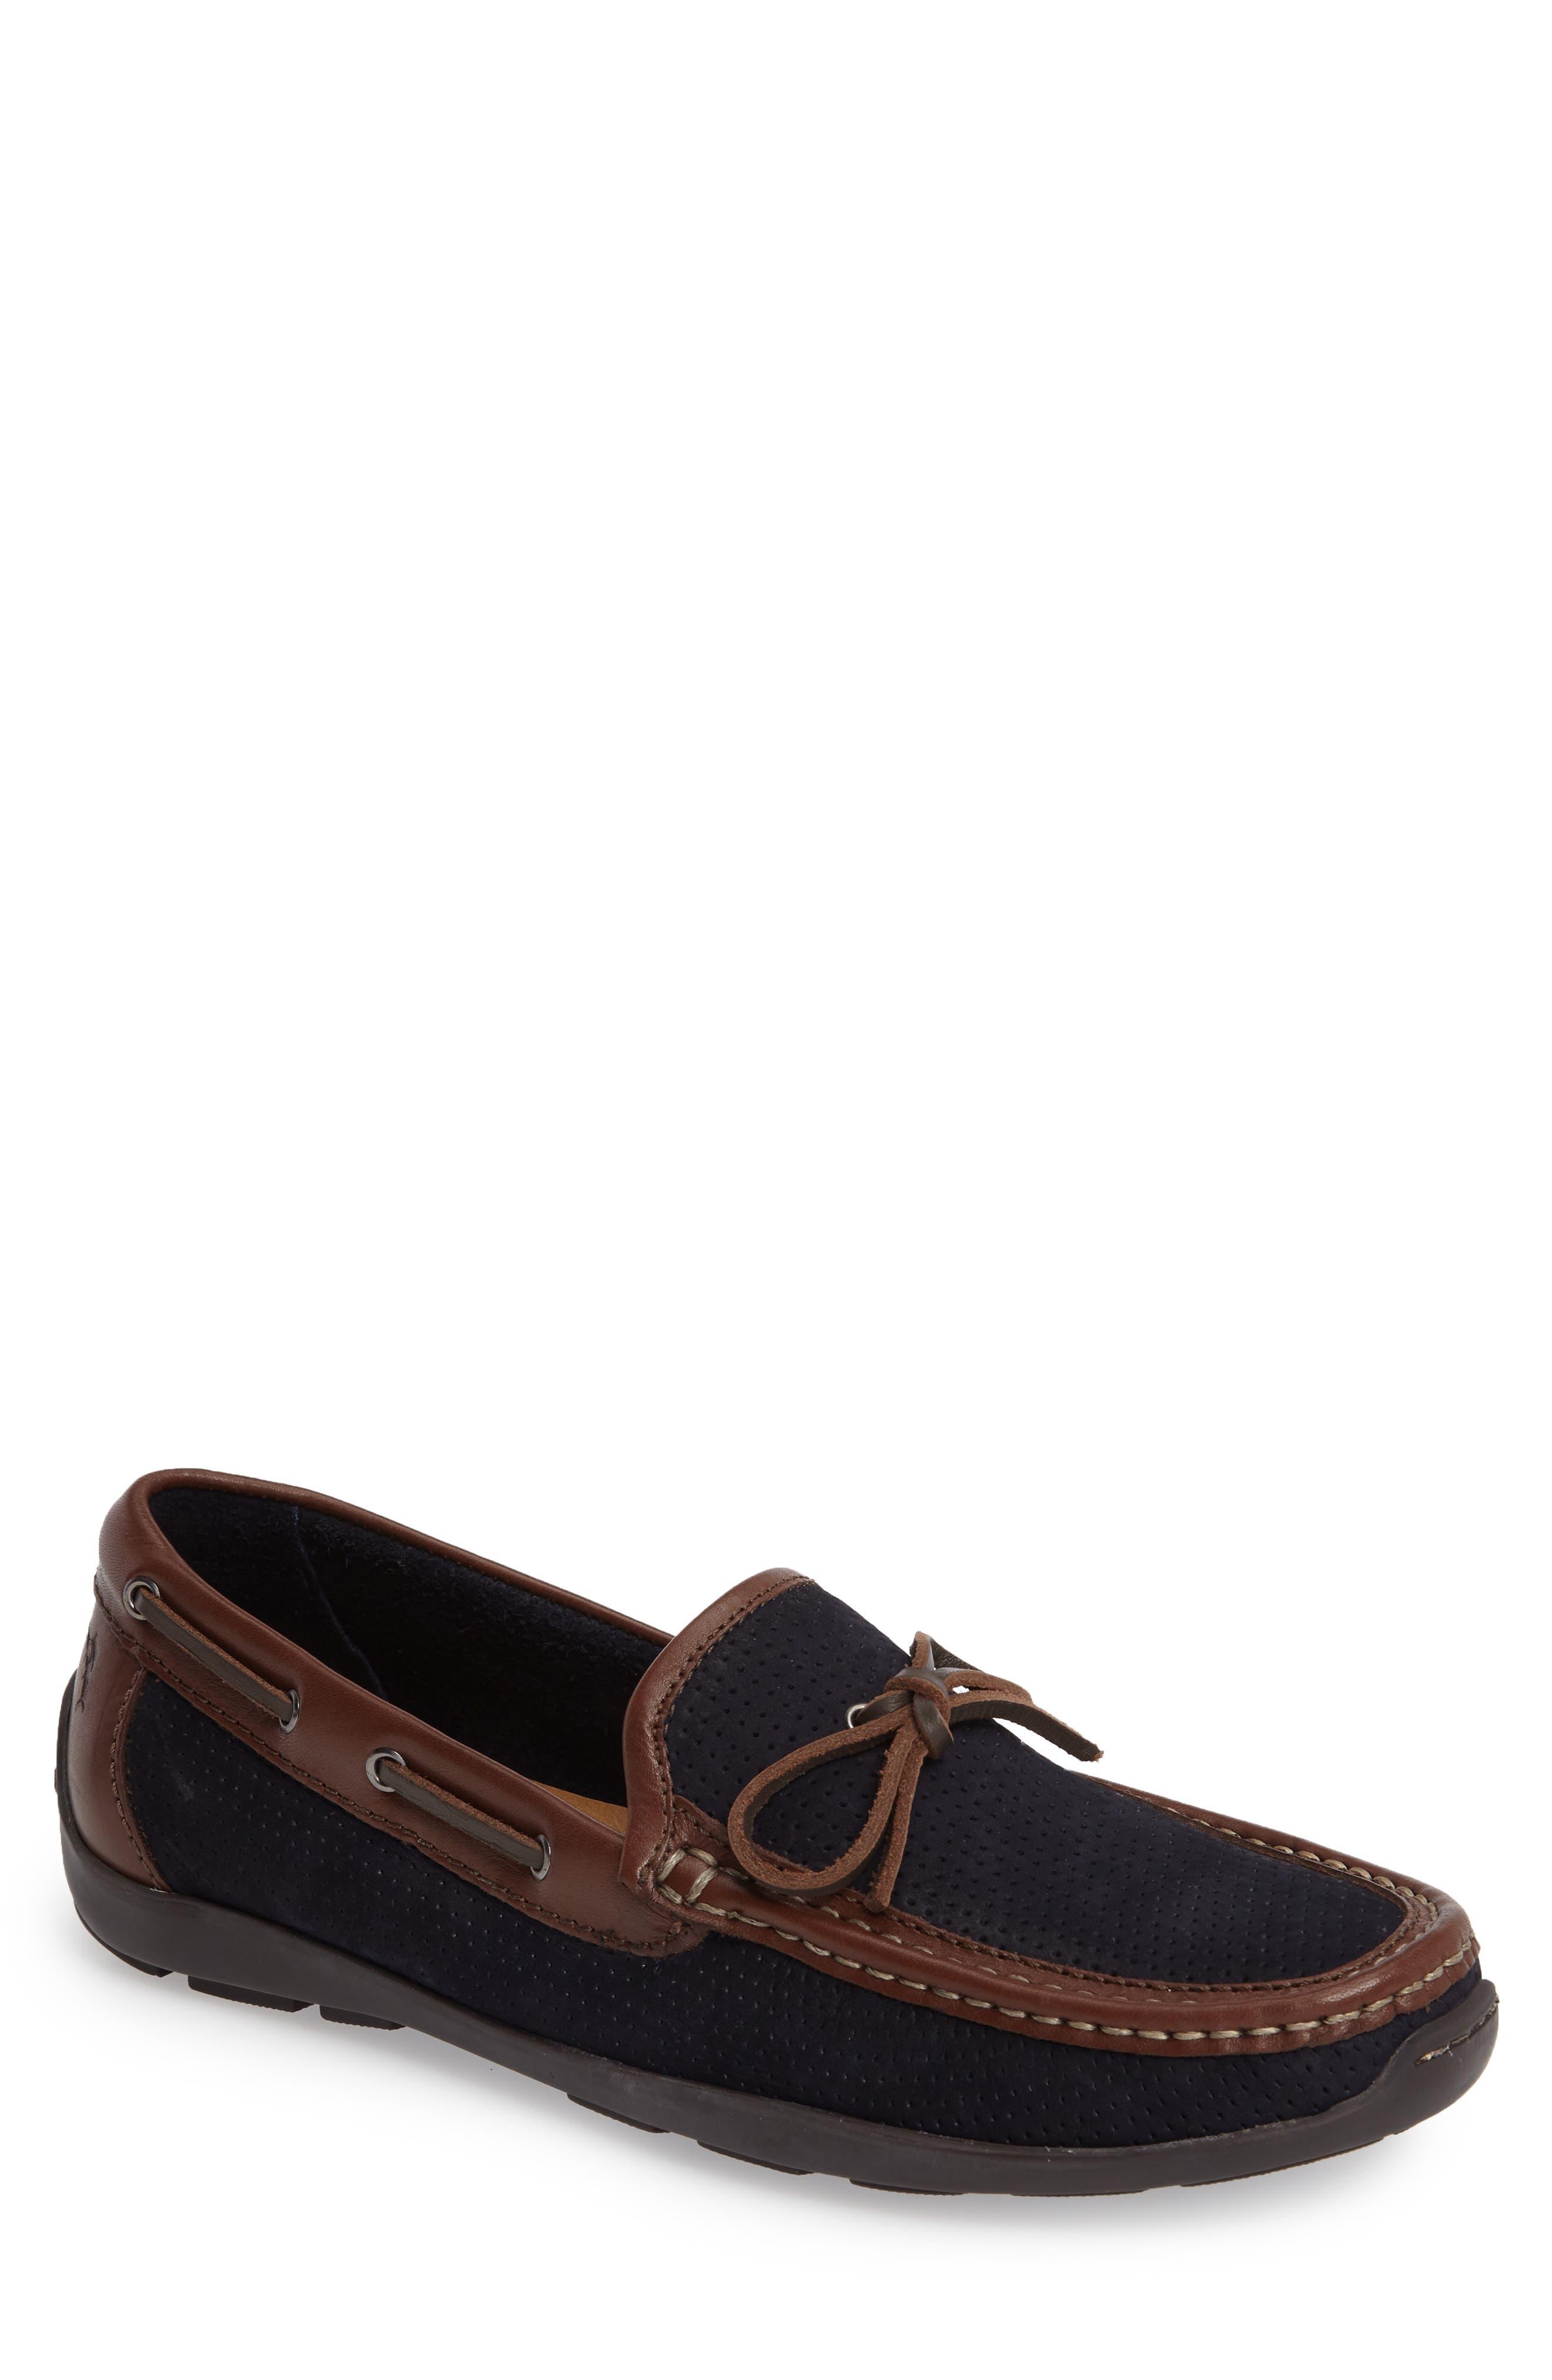 Odinn Driving Shoe,                             Main thumbnail 1, color,                             Navy Nubuck Leather